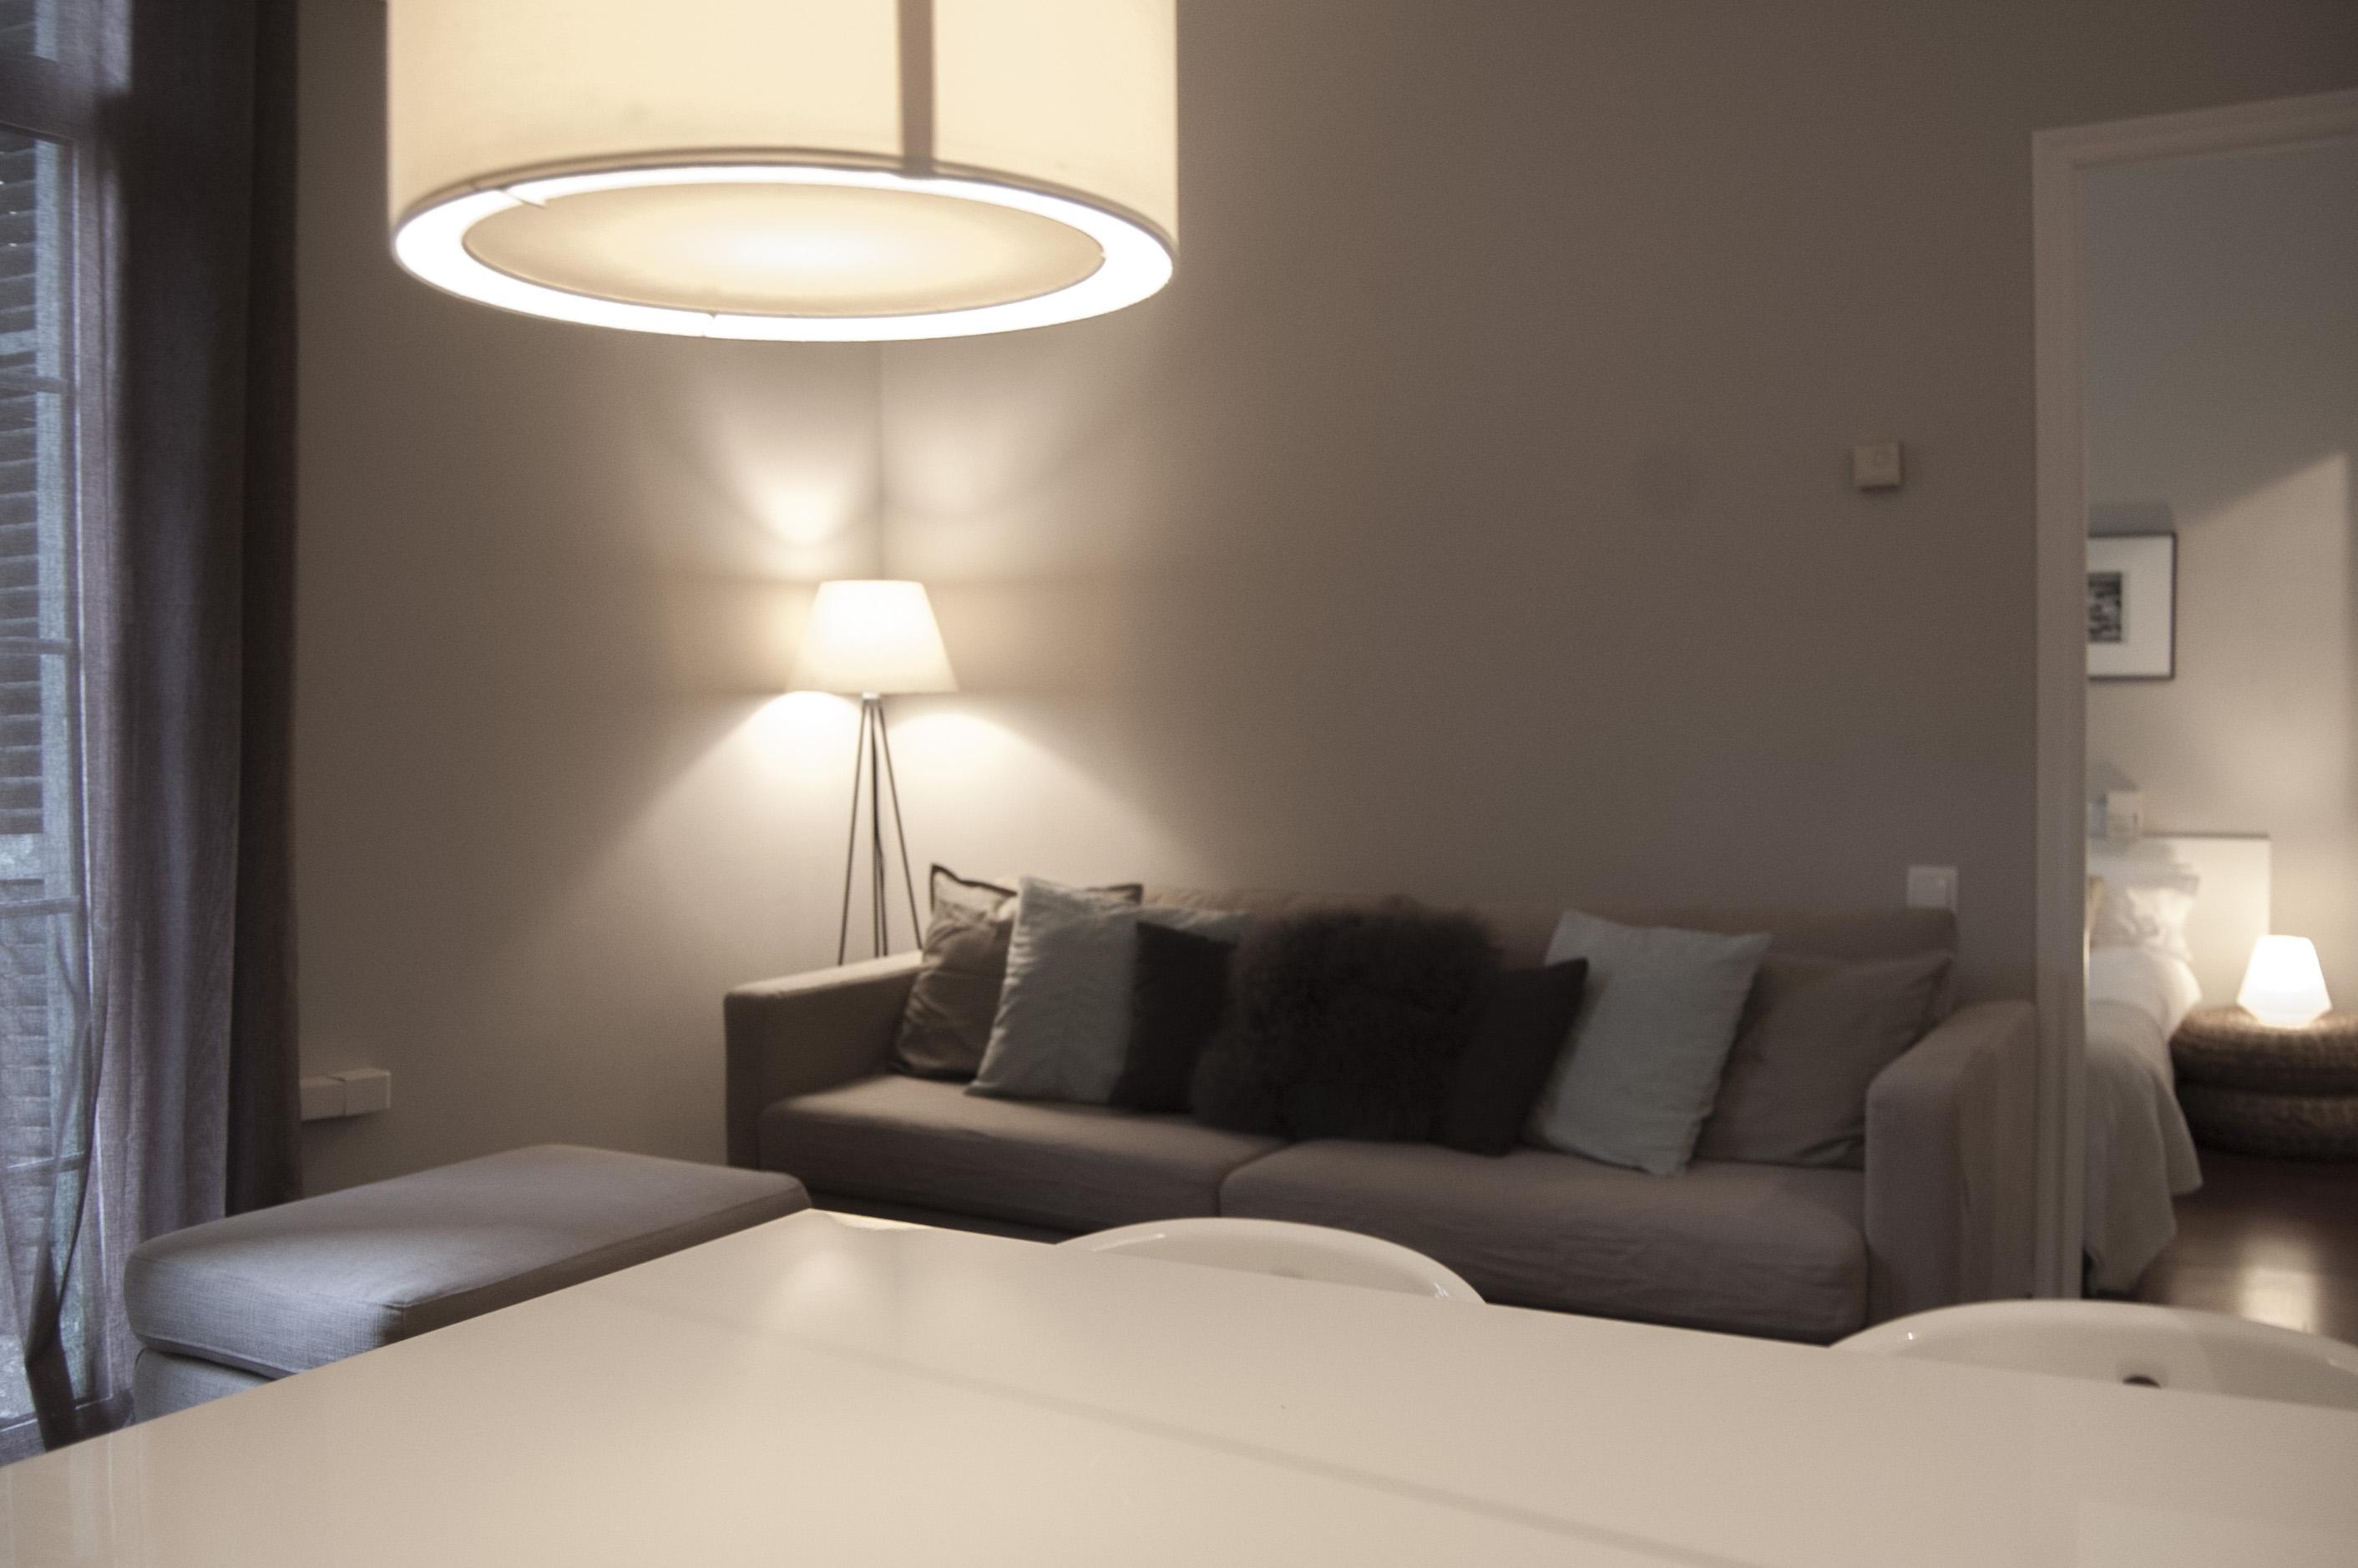 Trazo interiorismo apartamento tur stico - Interiorismo low cost ...